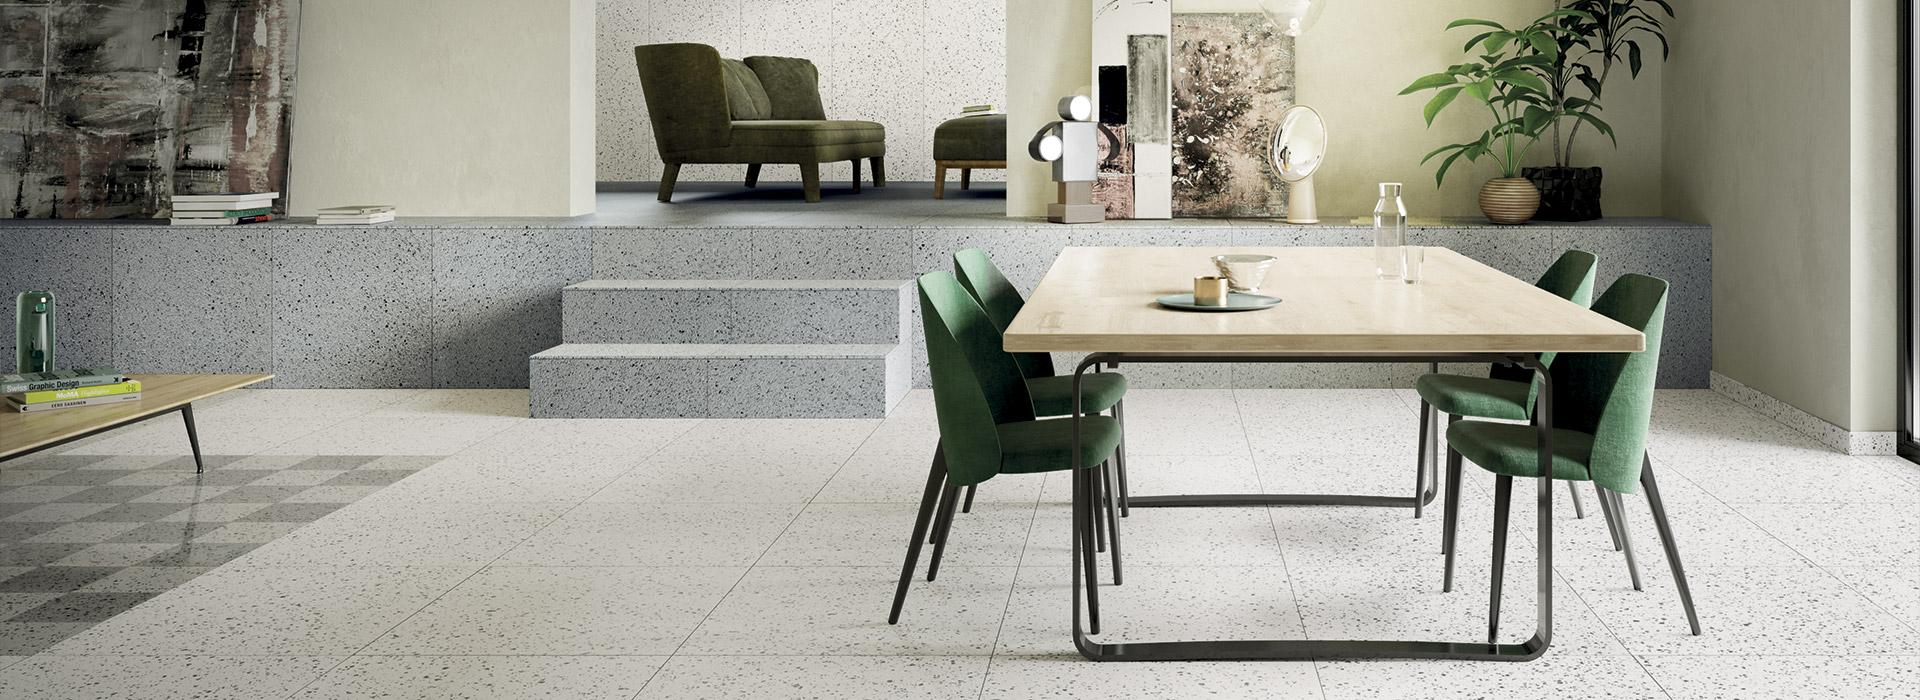 Gres porcellanato per interni ed esterni moderni fmg - Pavimenti per interni moderni ...